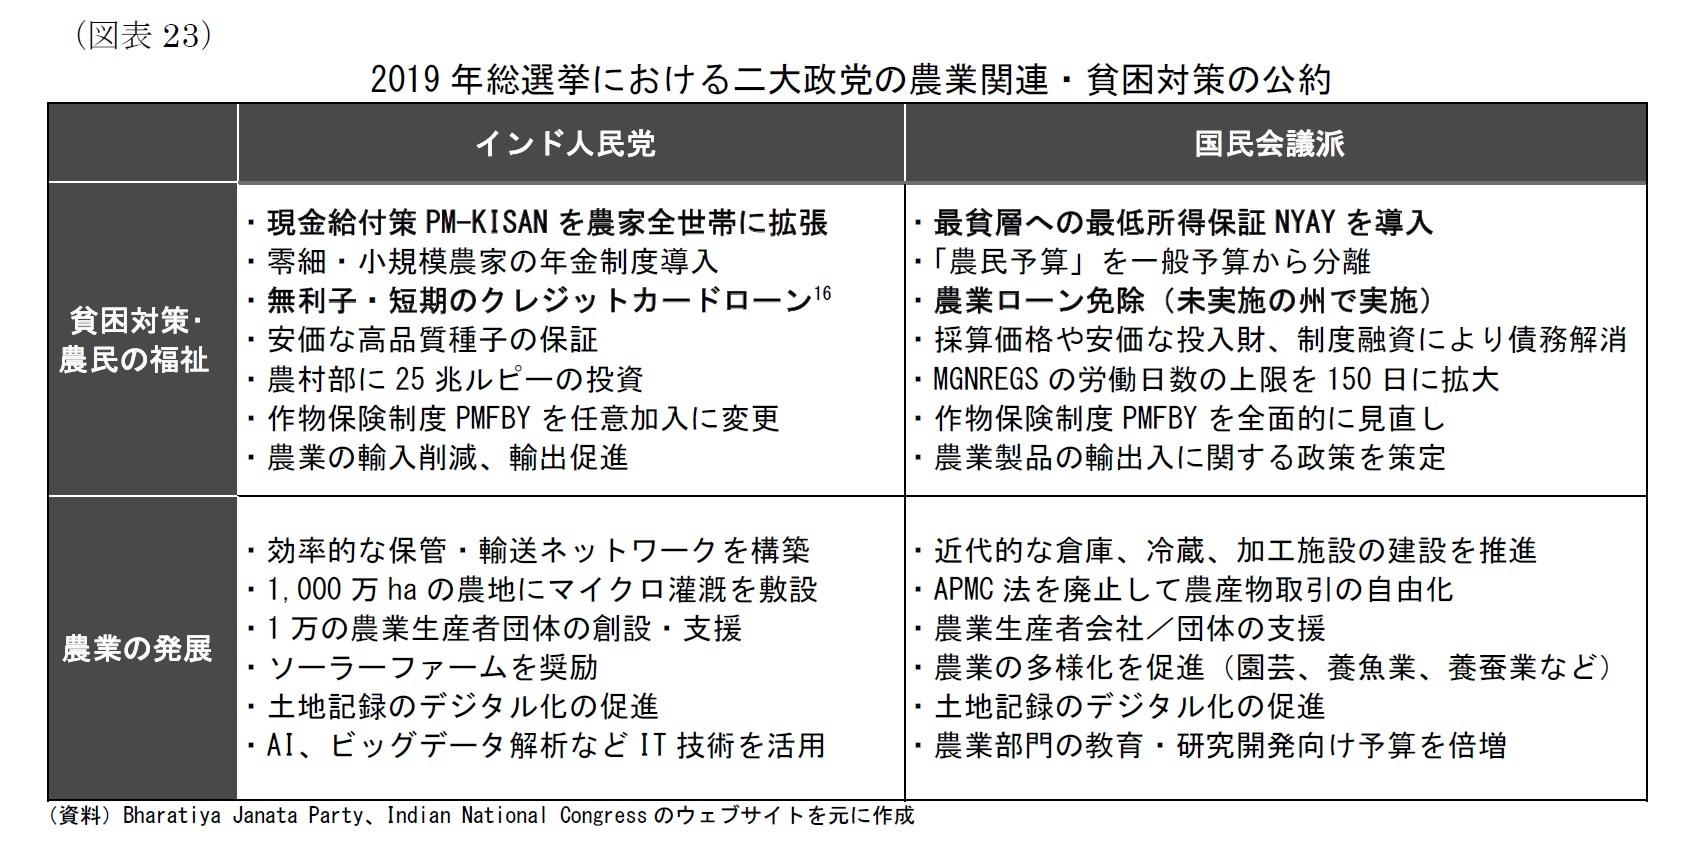 (図表23)2019 年総選挙における二大政党の農業関連・貧困対策の公約